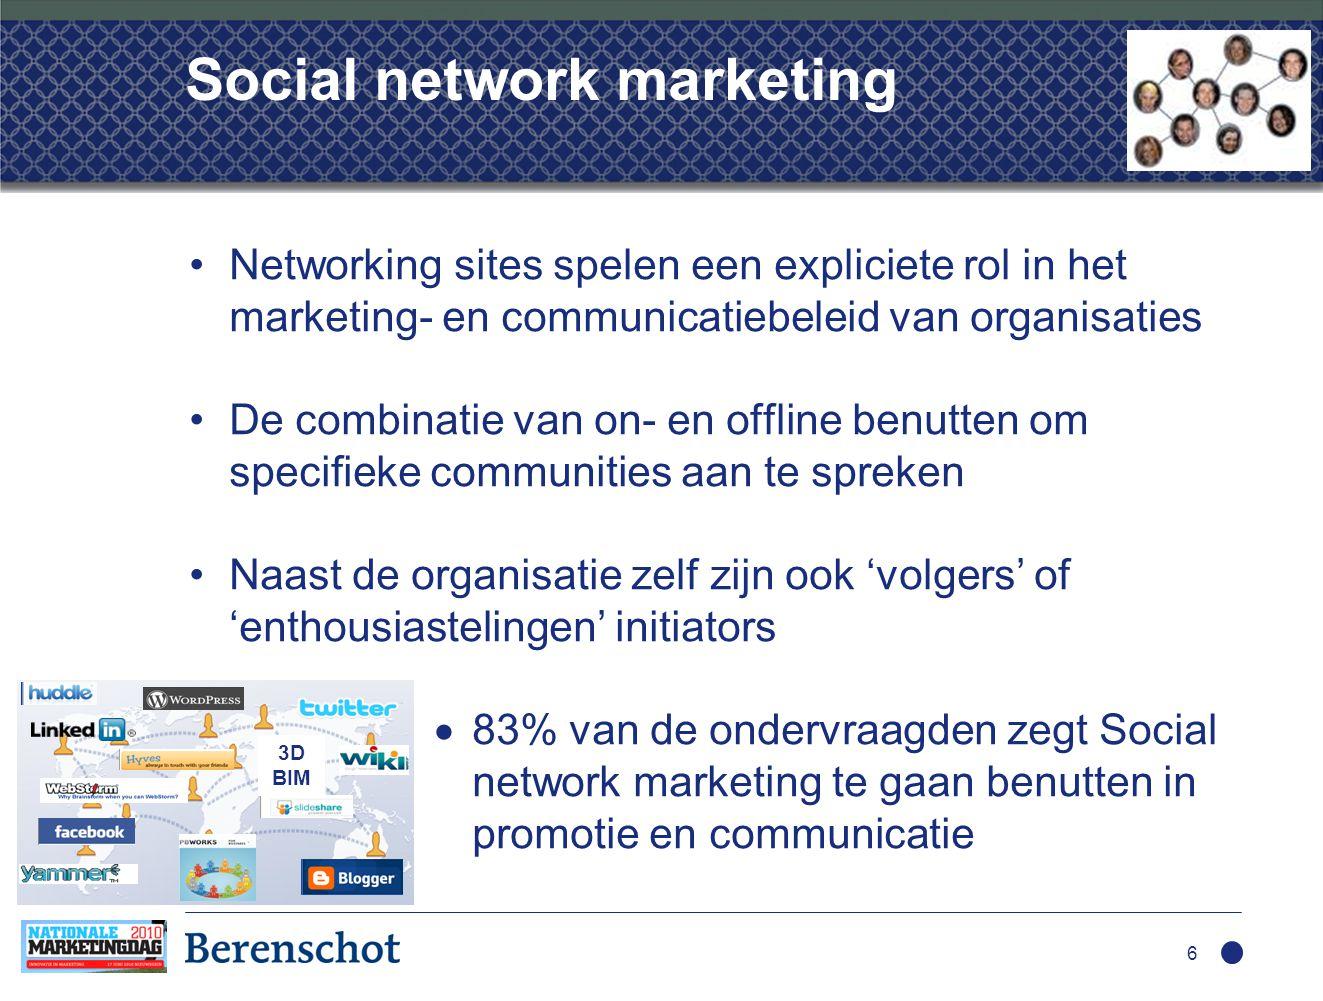 Social network marketing •Networking sites spelen een expliciete rol in het marketing- en communicatiebeleid van organisaties •De combinatie van on- en offline benutten om specifieke communities aan te spreken •Naast de organisatie zelf zijn ook 'volgers' of 'enthousiastelingen' initiators  83% van de ondervraagden zegt Social network marketing te gaan benutten in promotie en communicatie 6 3D BIM